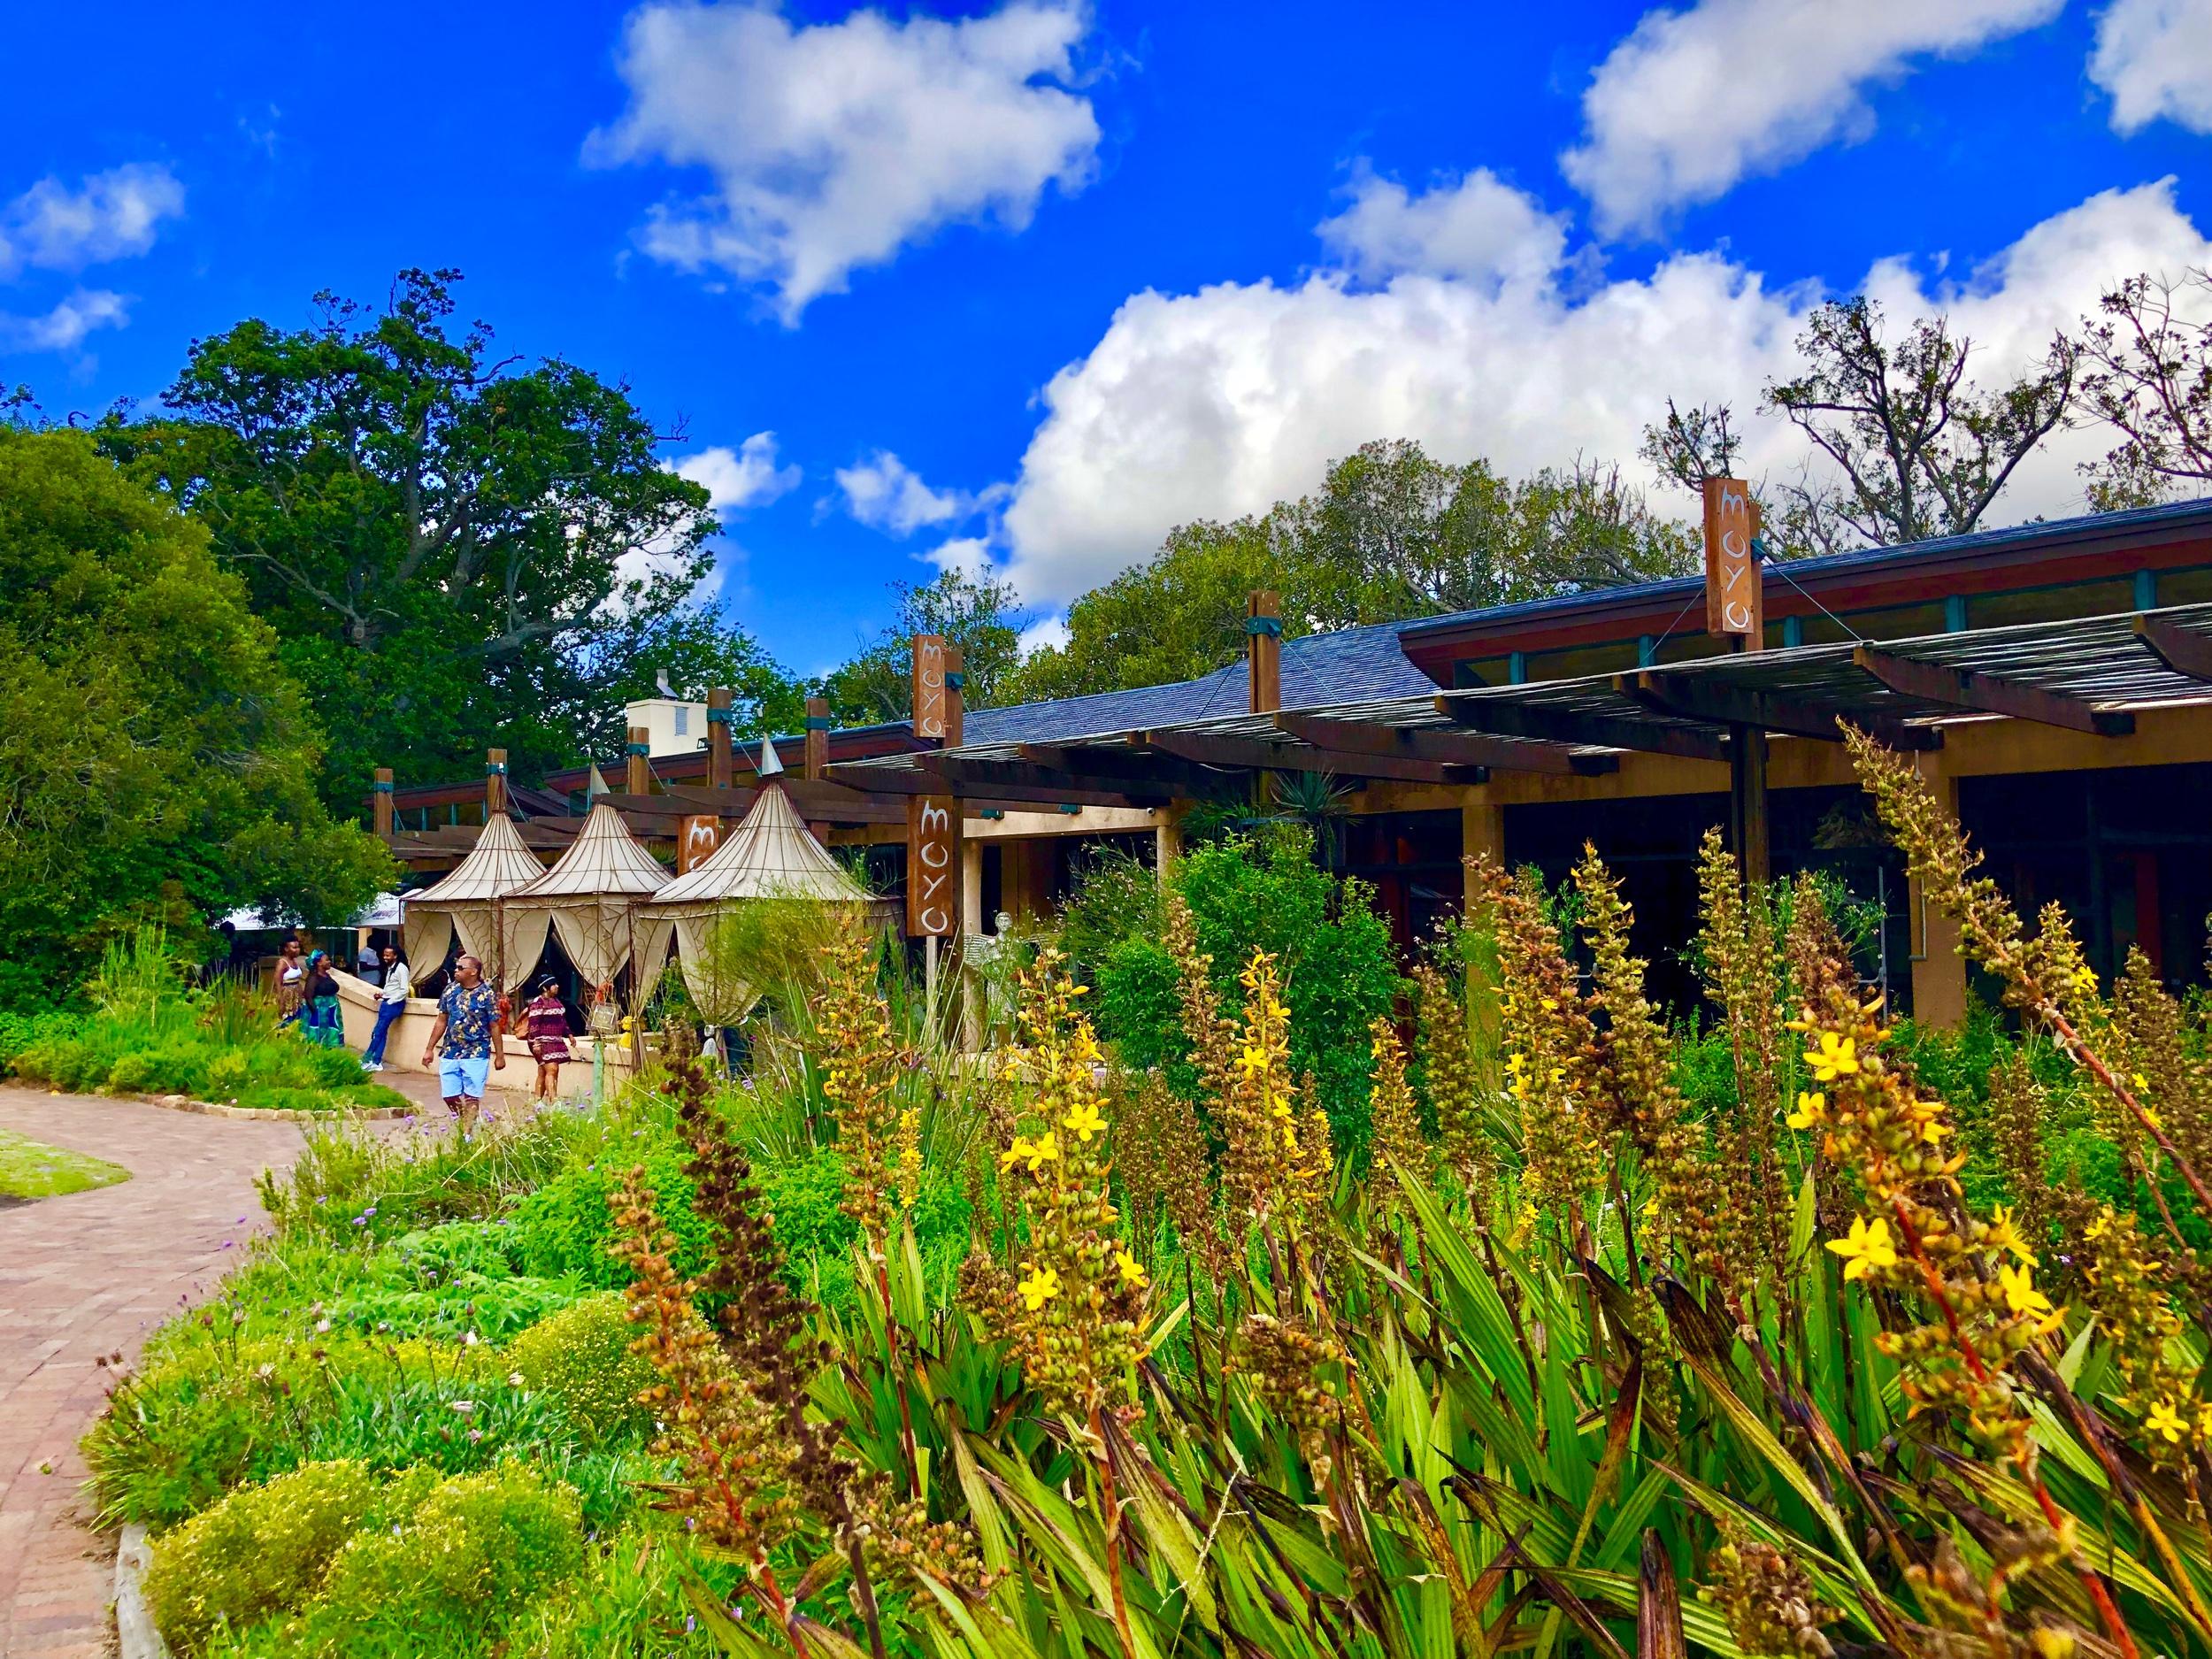 Moyo Restaurant in Kirstenbosch Botanical Gardens